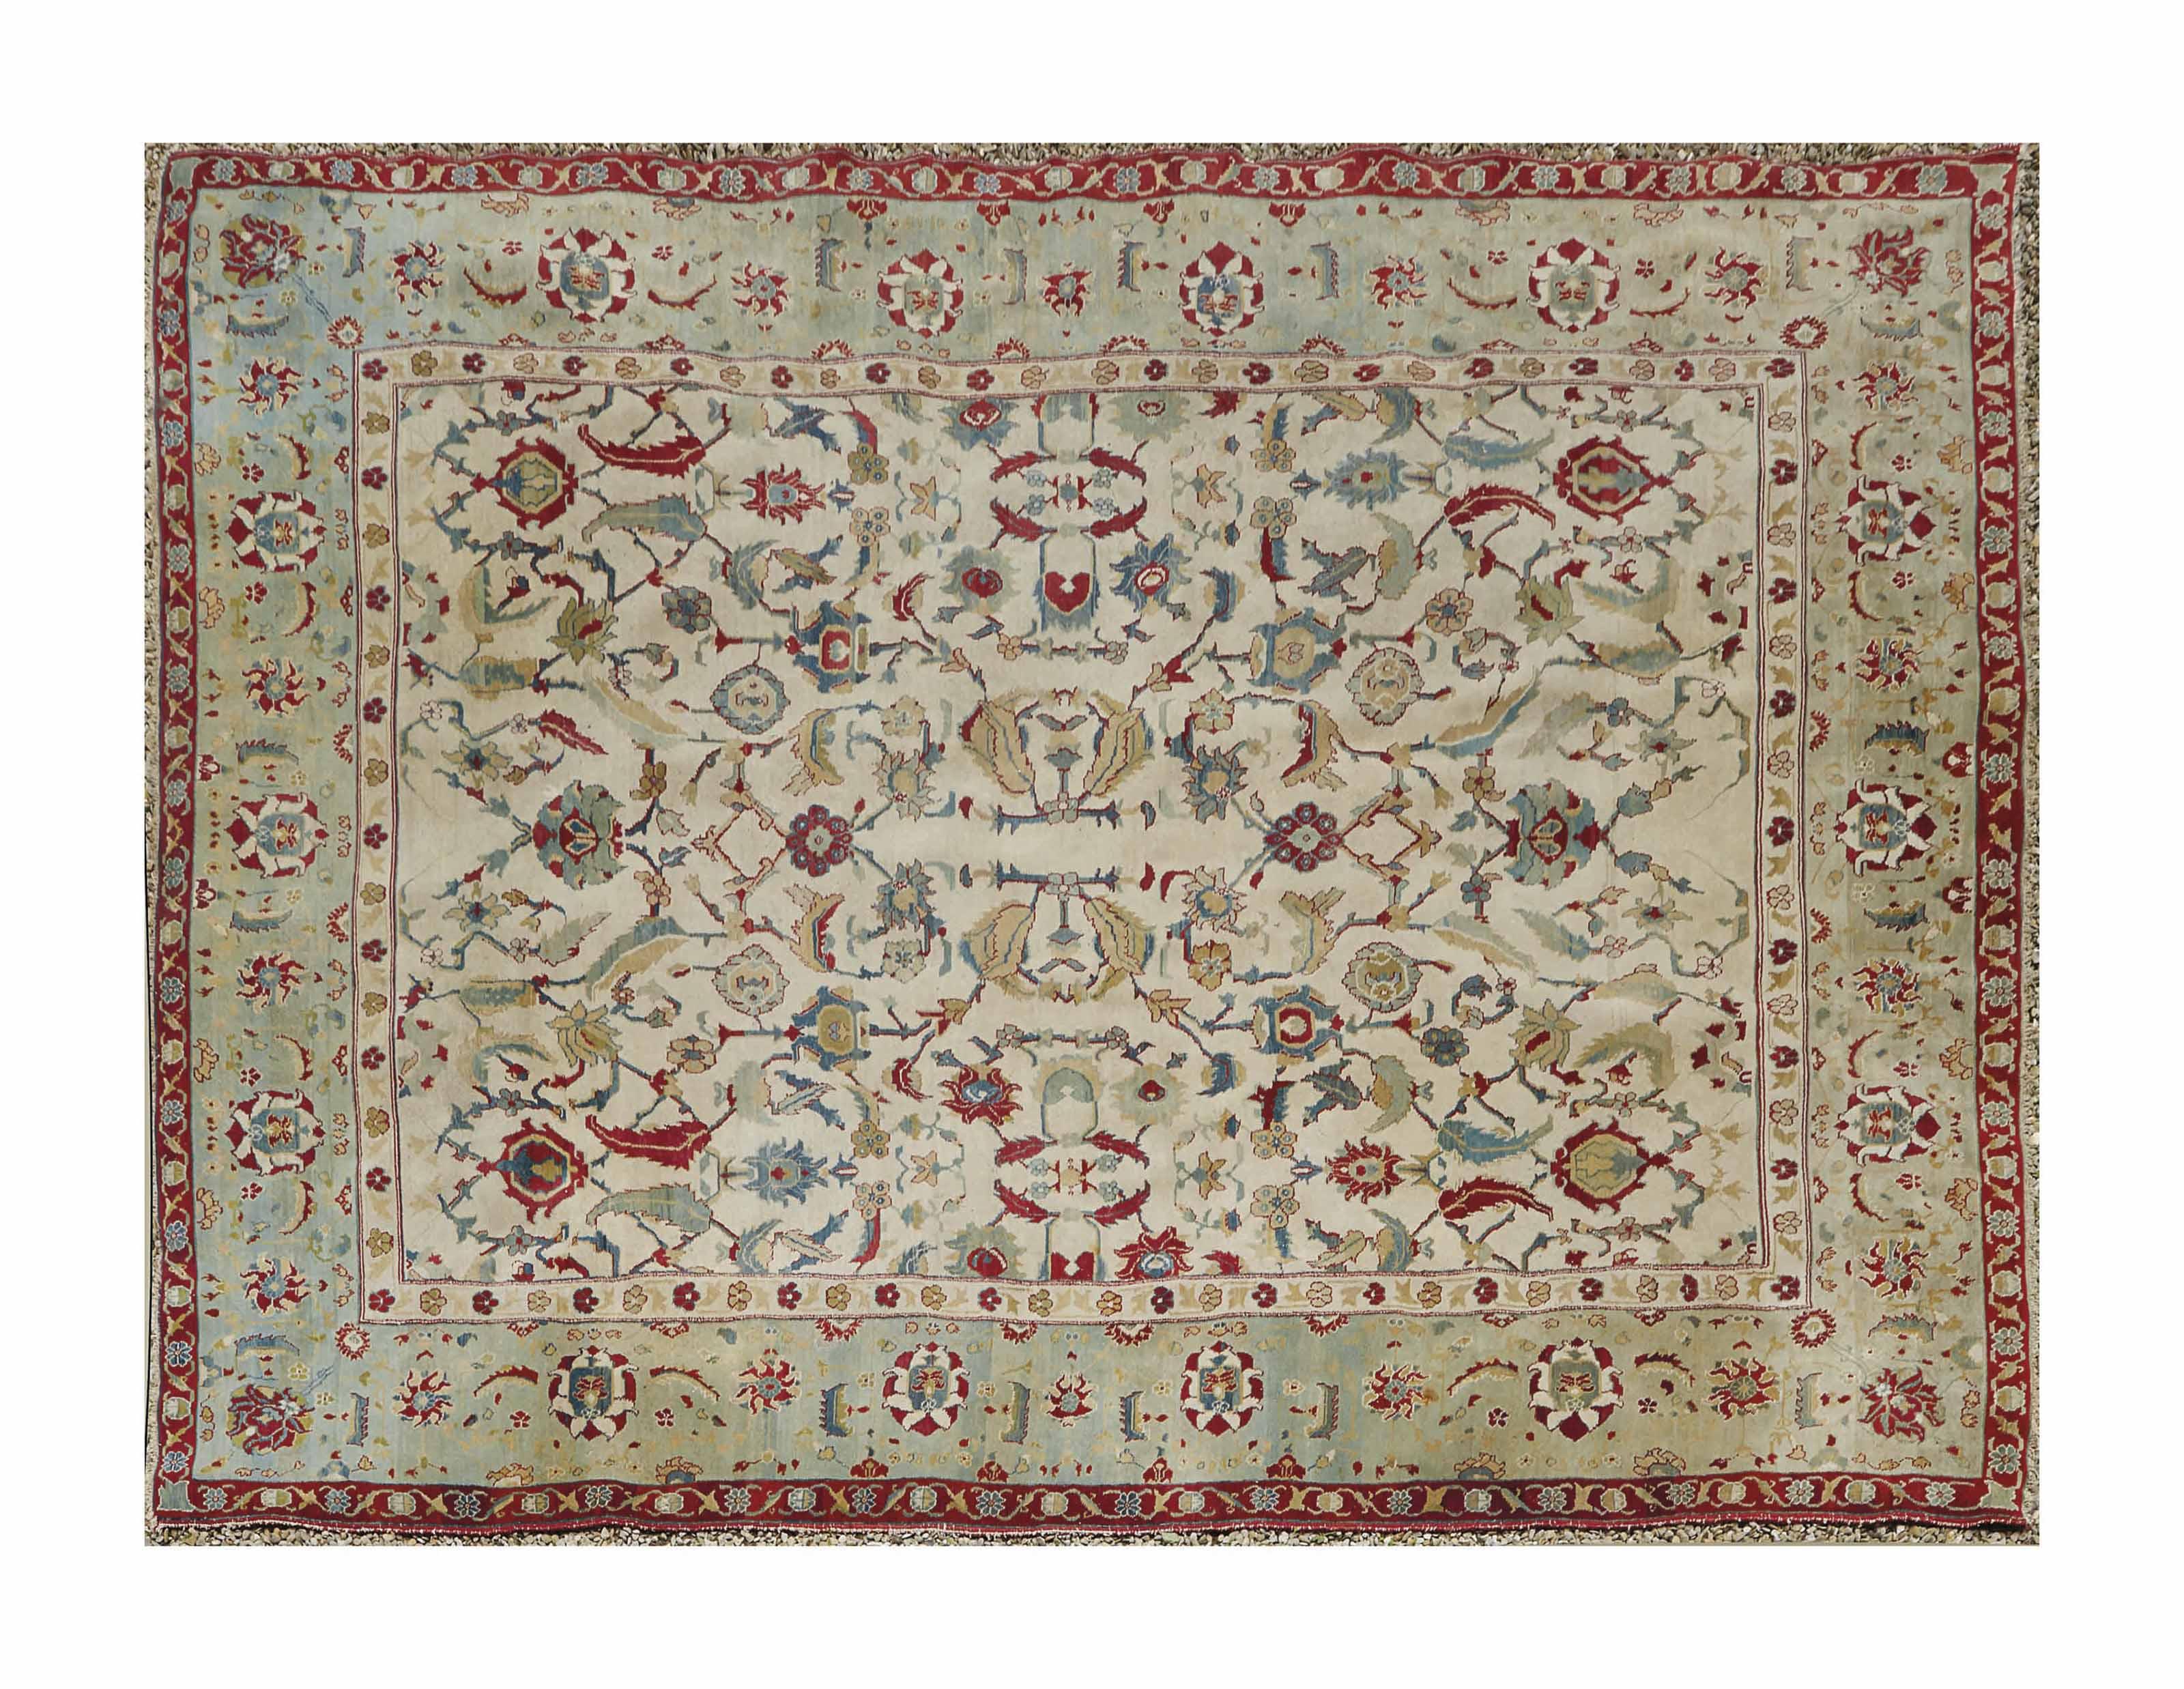 Tapis Agra Inde Du Nord Vers 1880 Furniture Lighting India